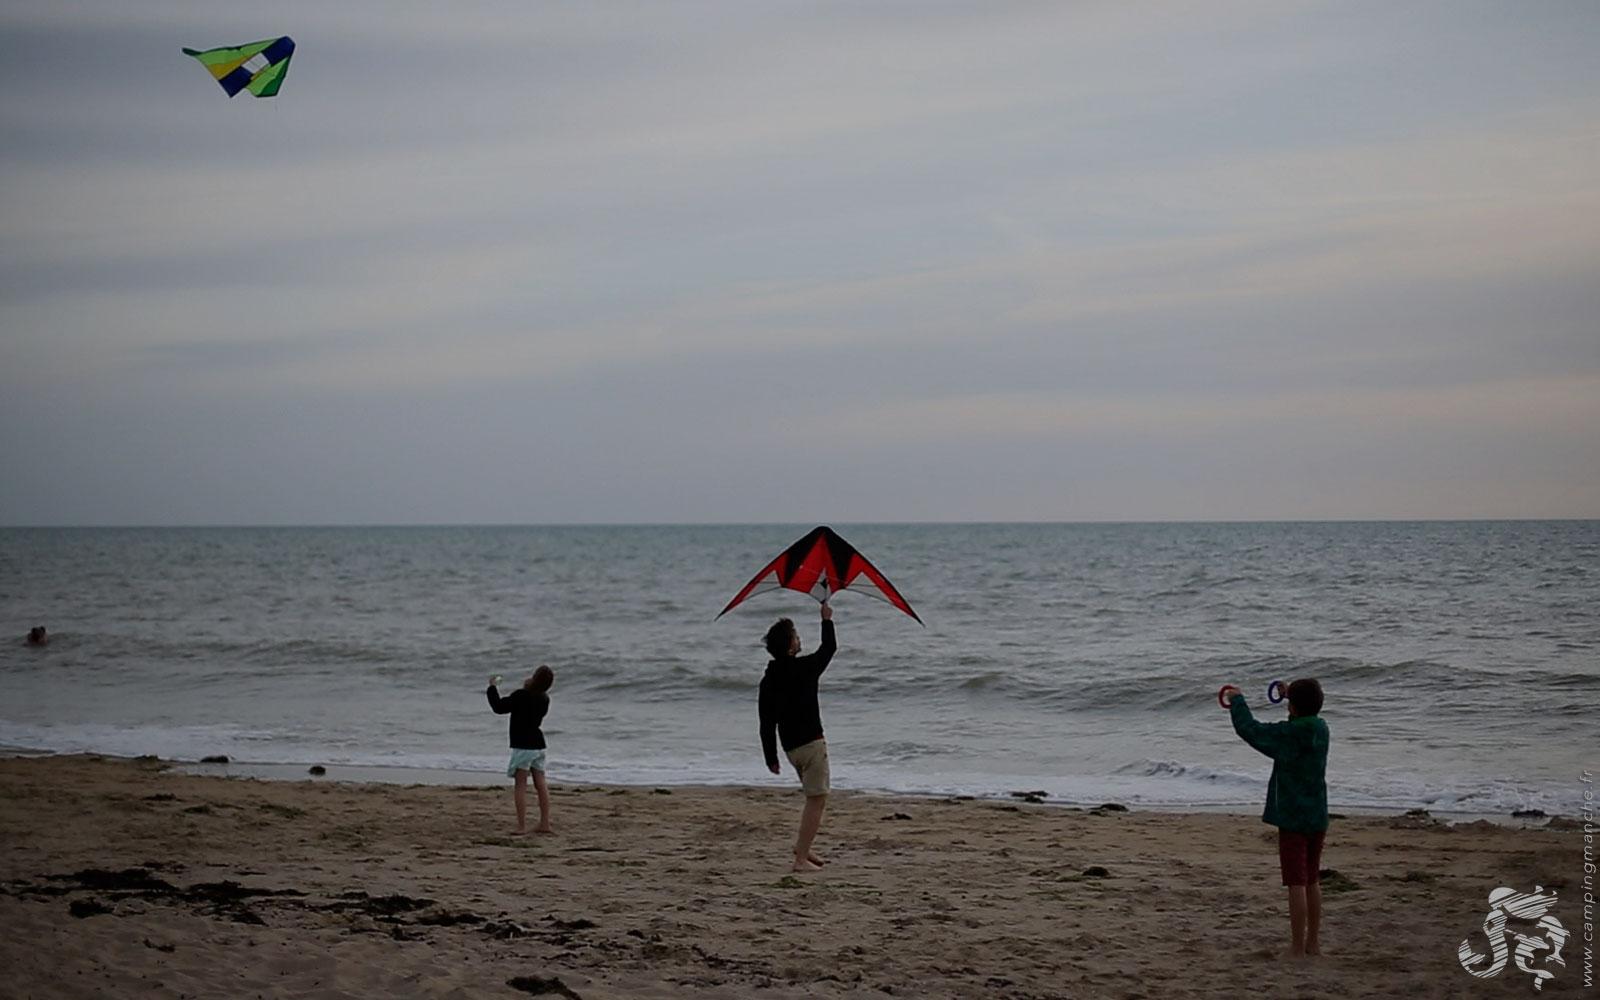 Pêche à pied, nautisme, vélo, randonnées, plage, détente…